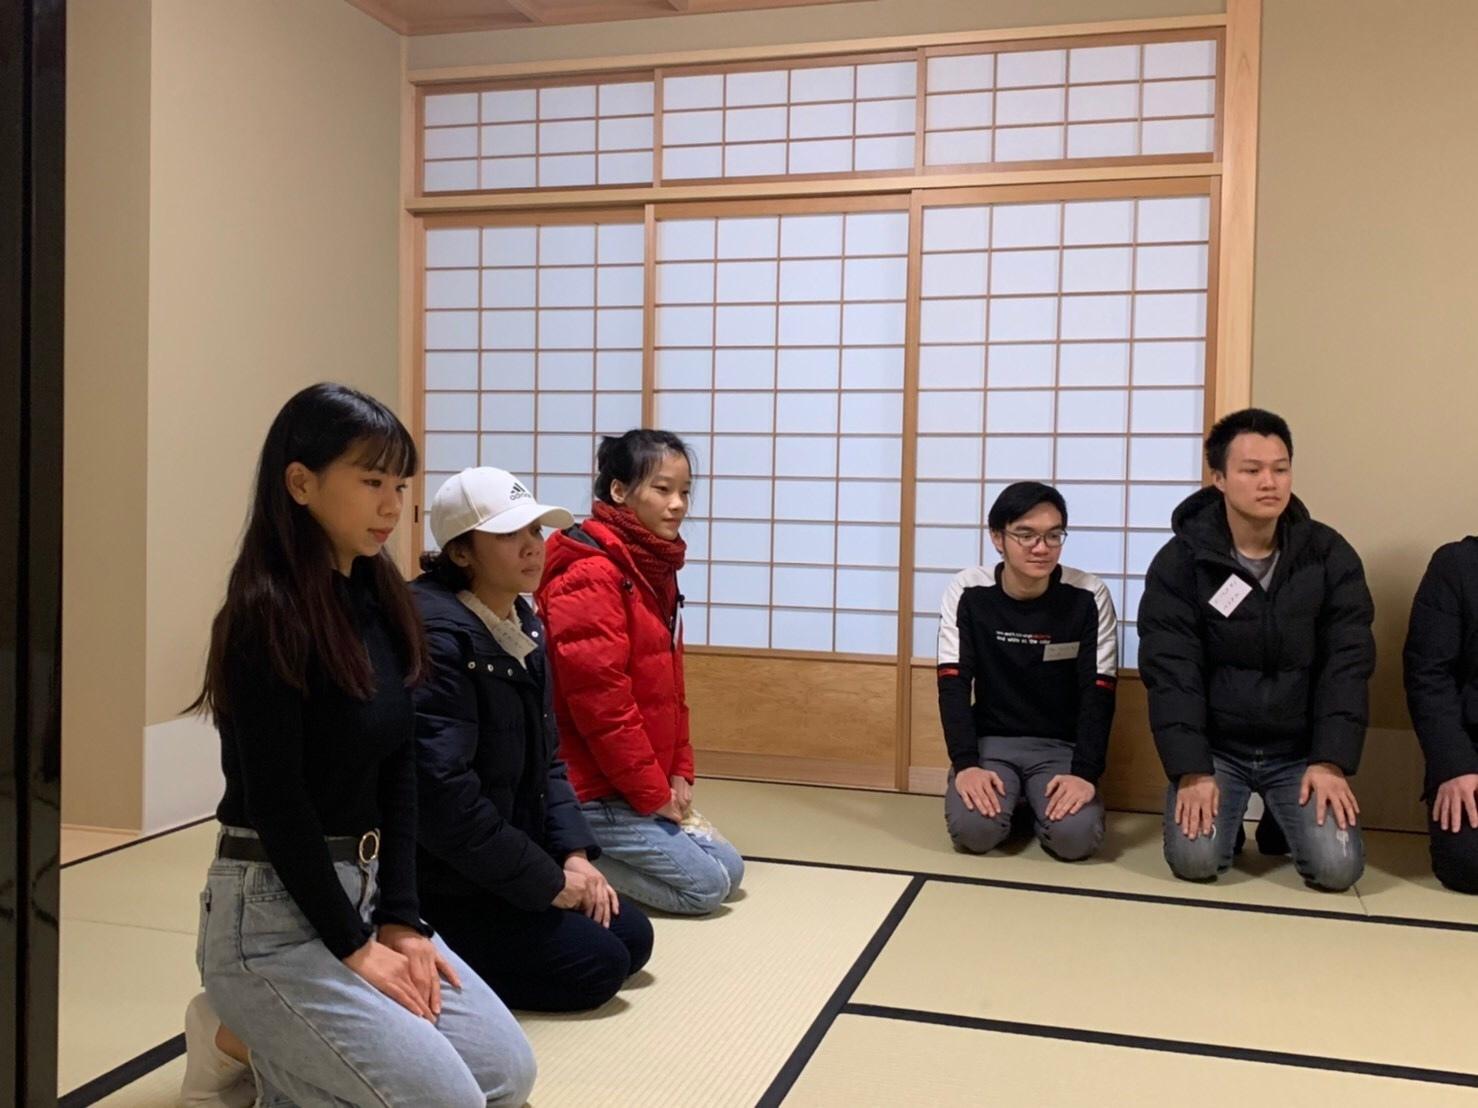 日曜朝教室(2019.12.22)お茶会🍵_e0175020_09432329.jpeg